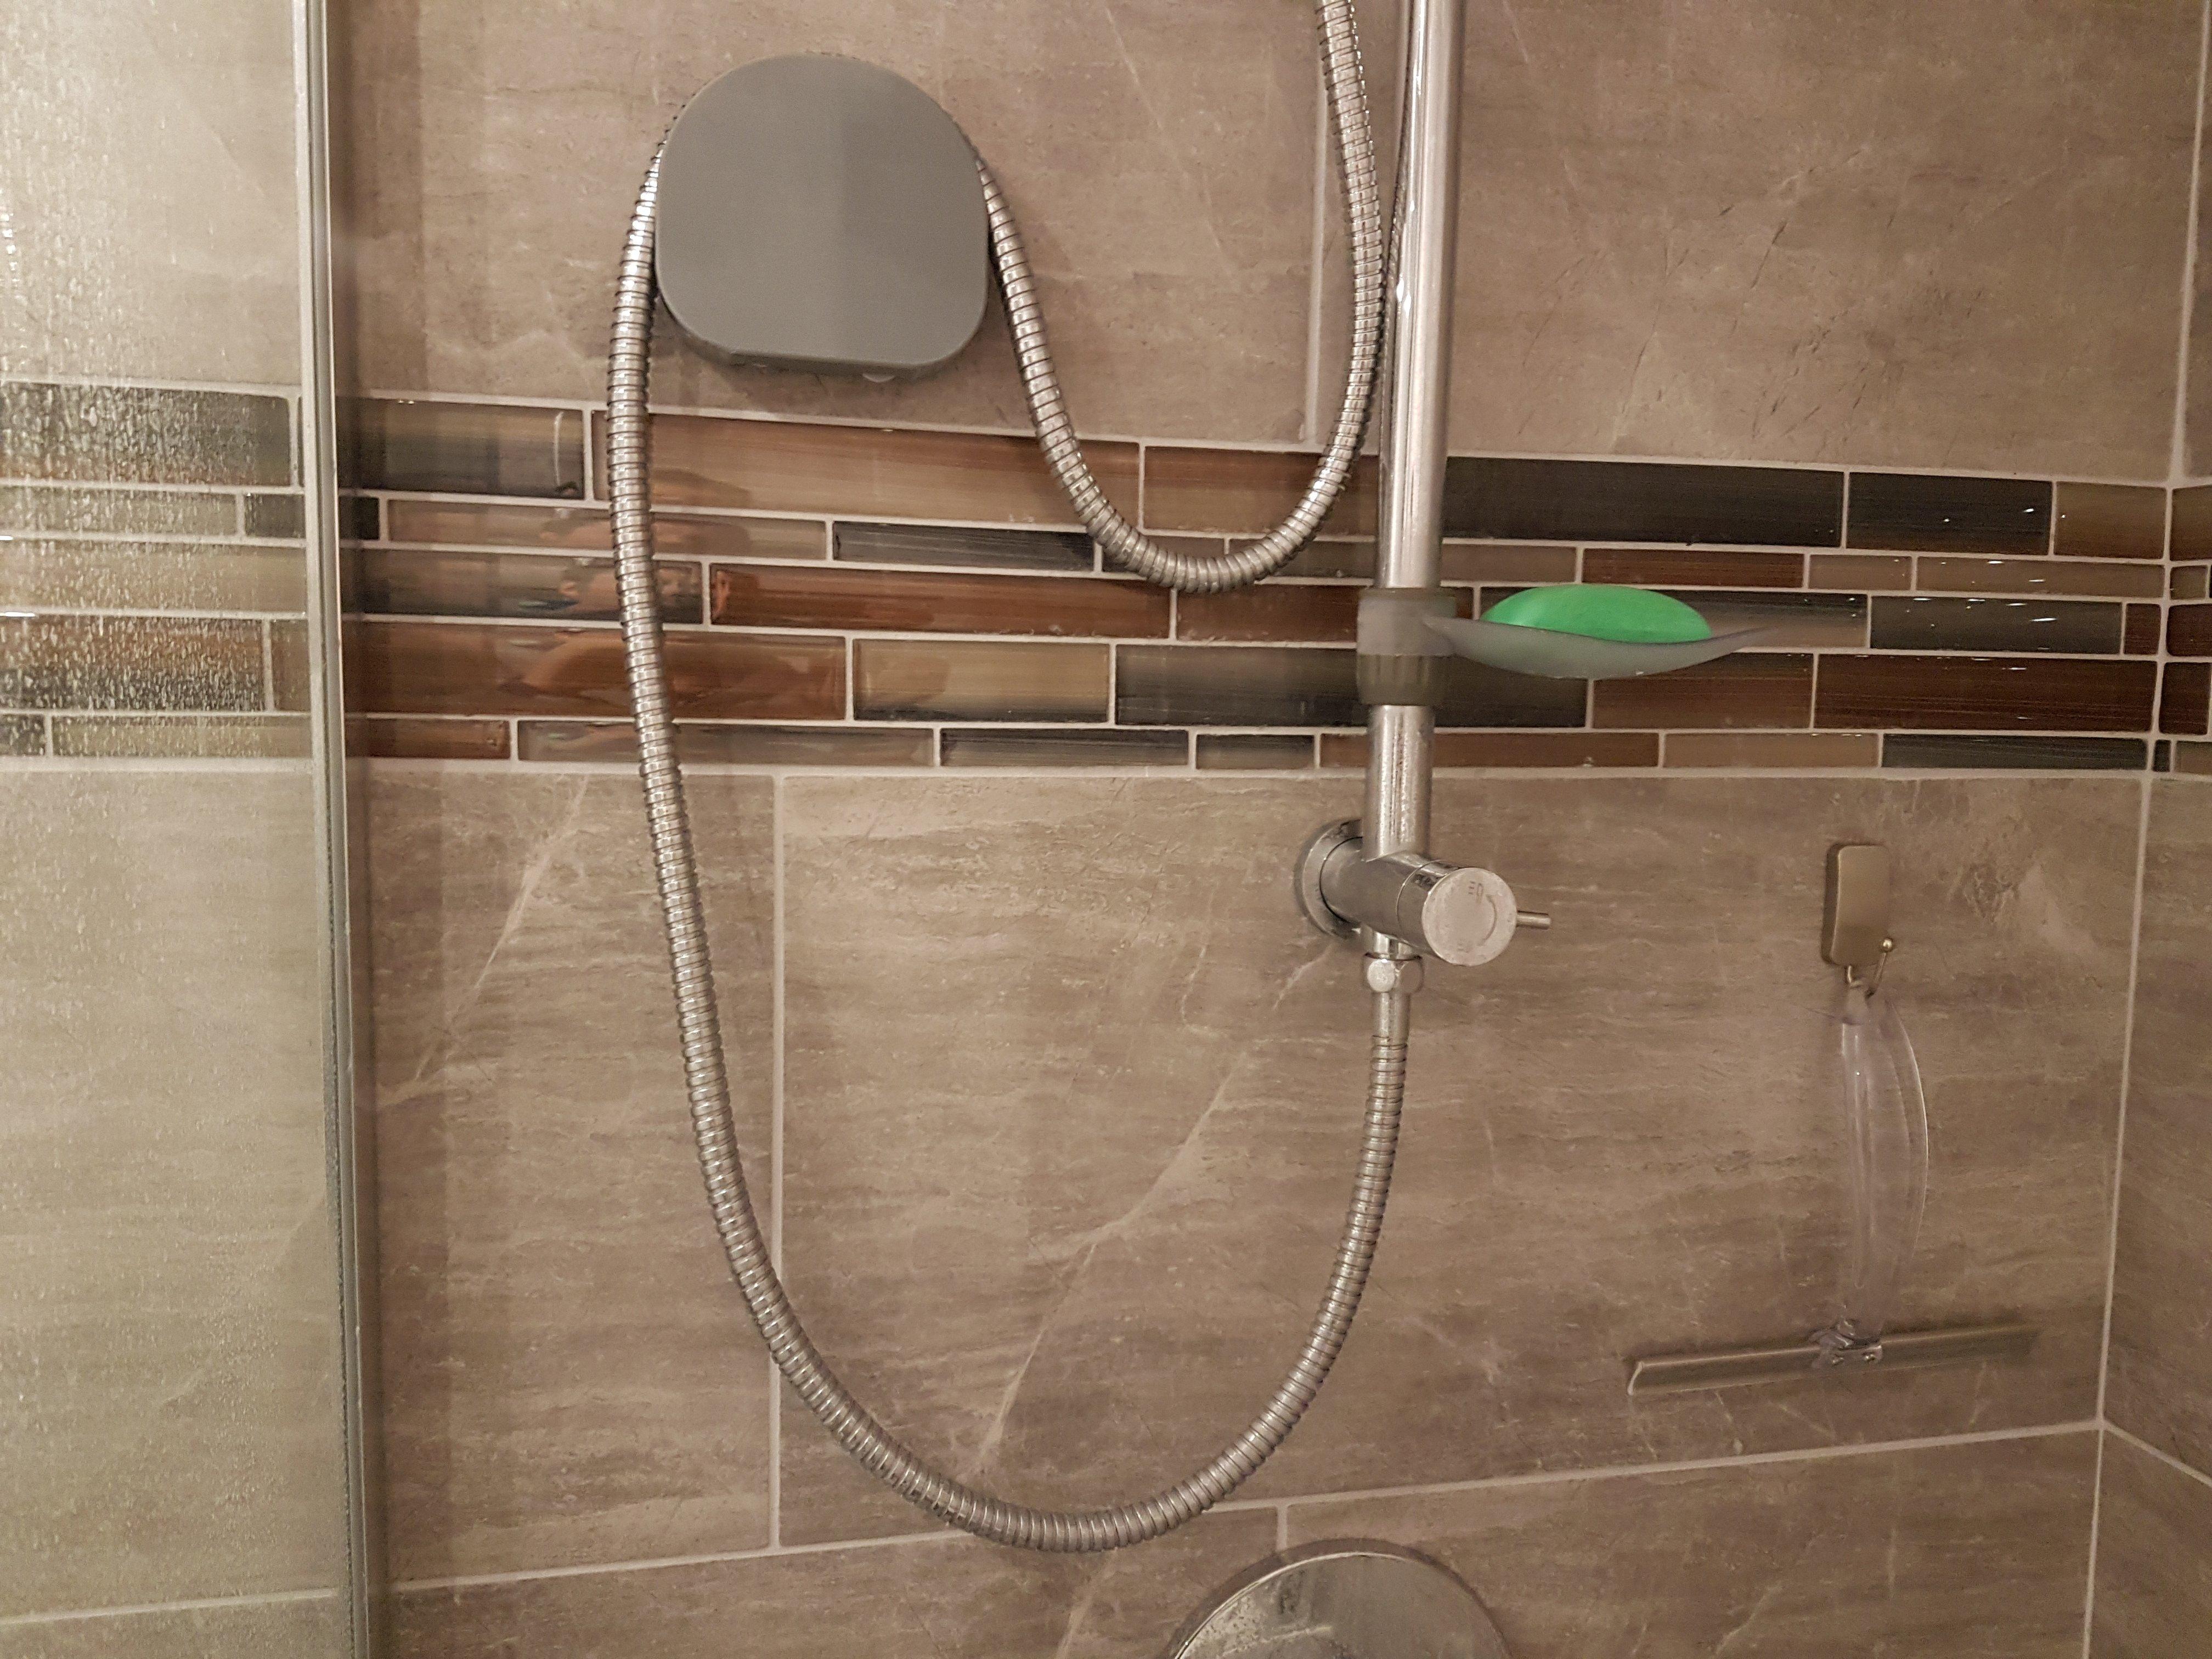 Shower Hose Holder